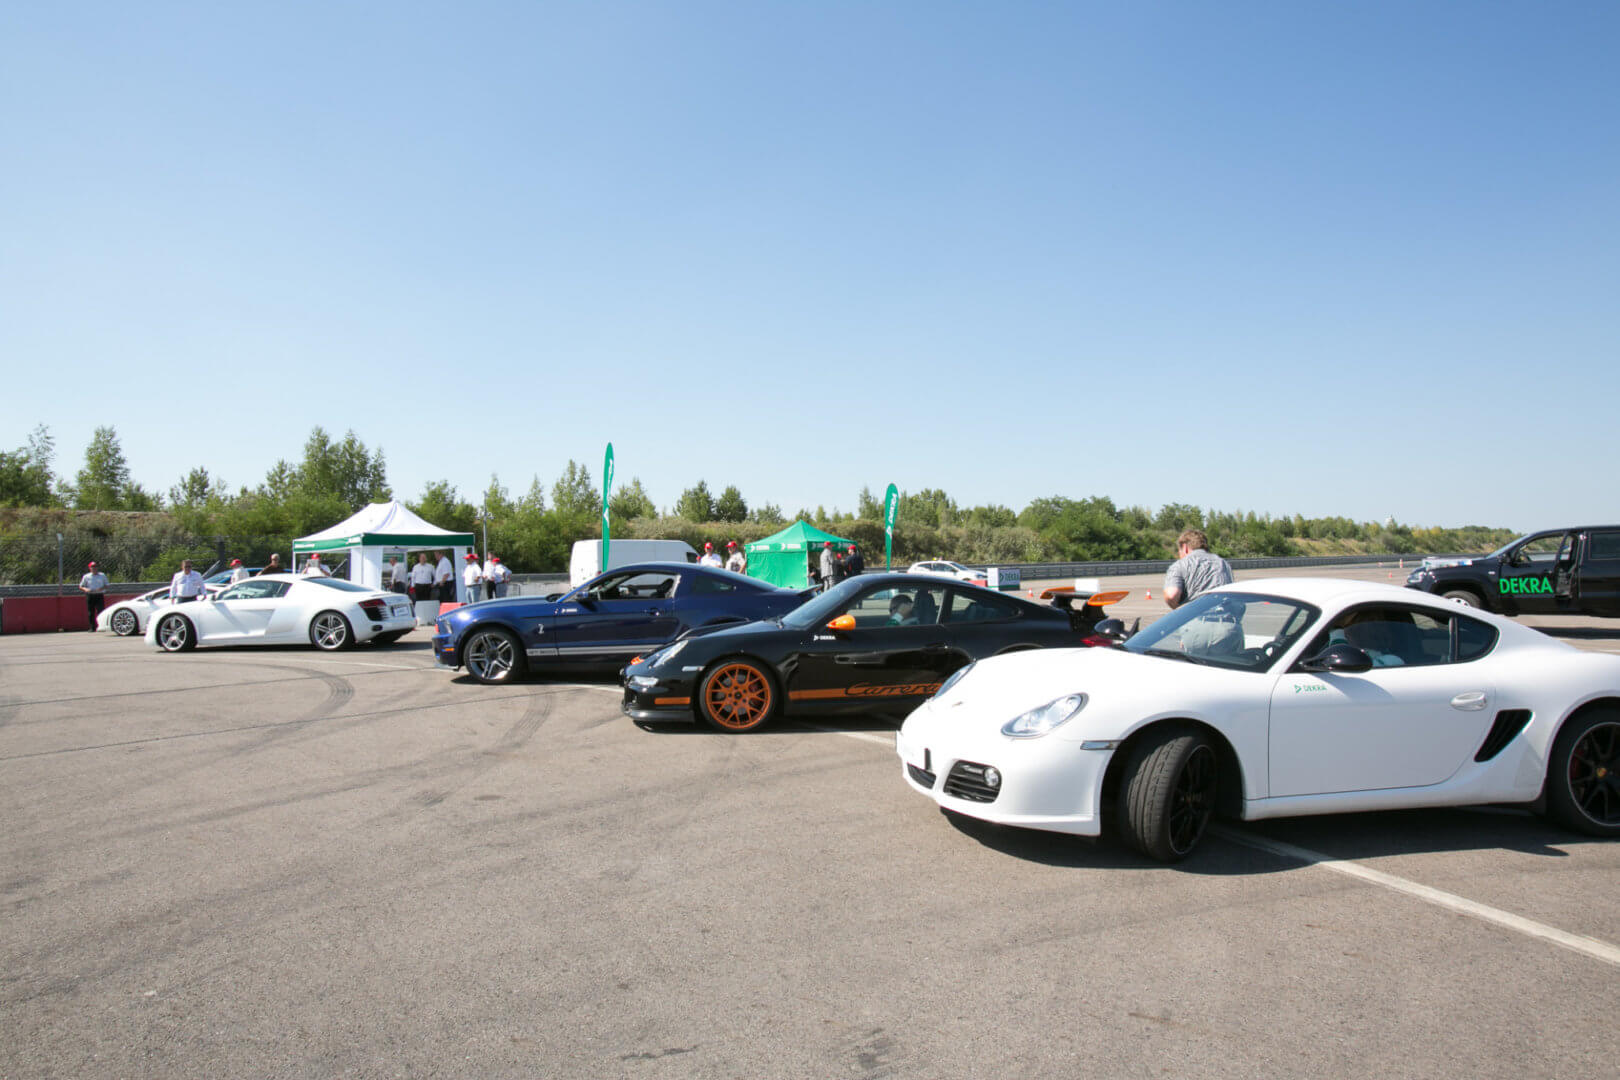 Mehrere Autos von der Seite